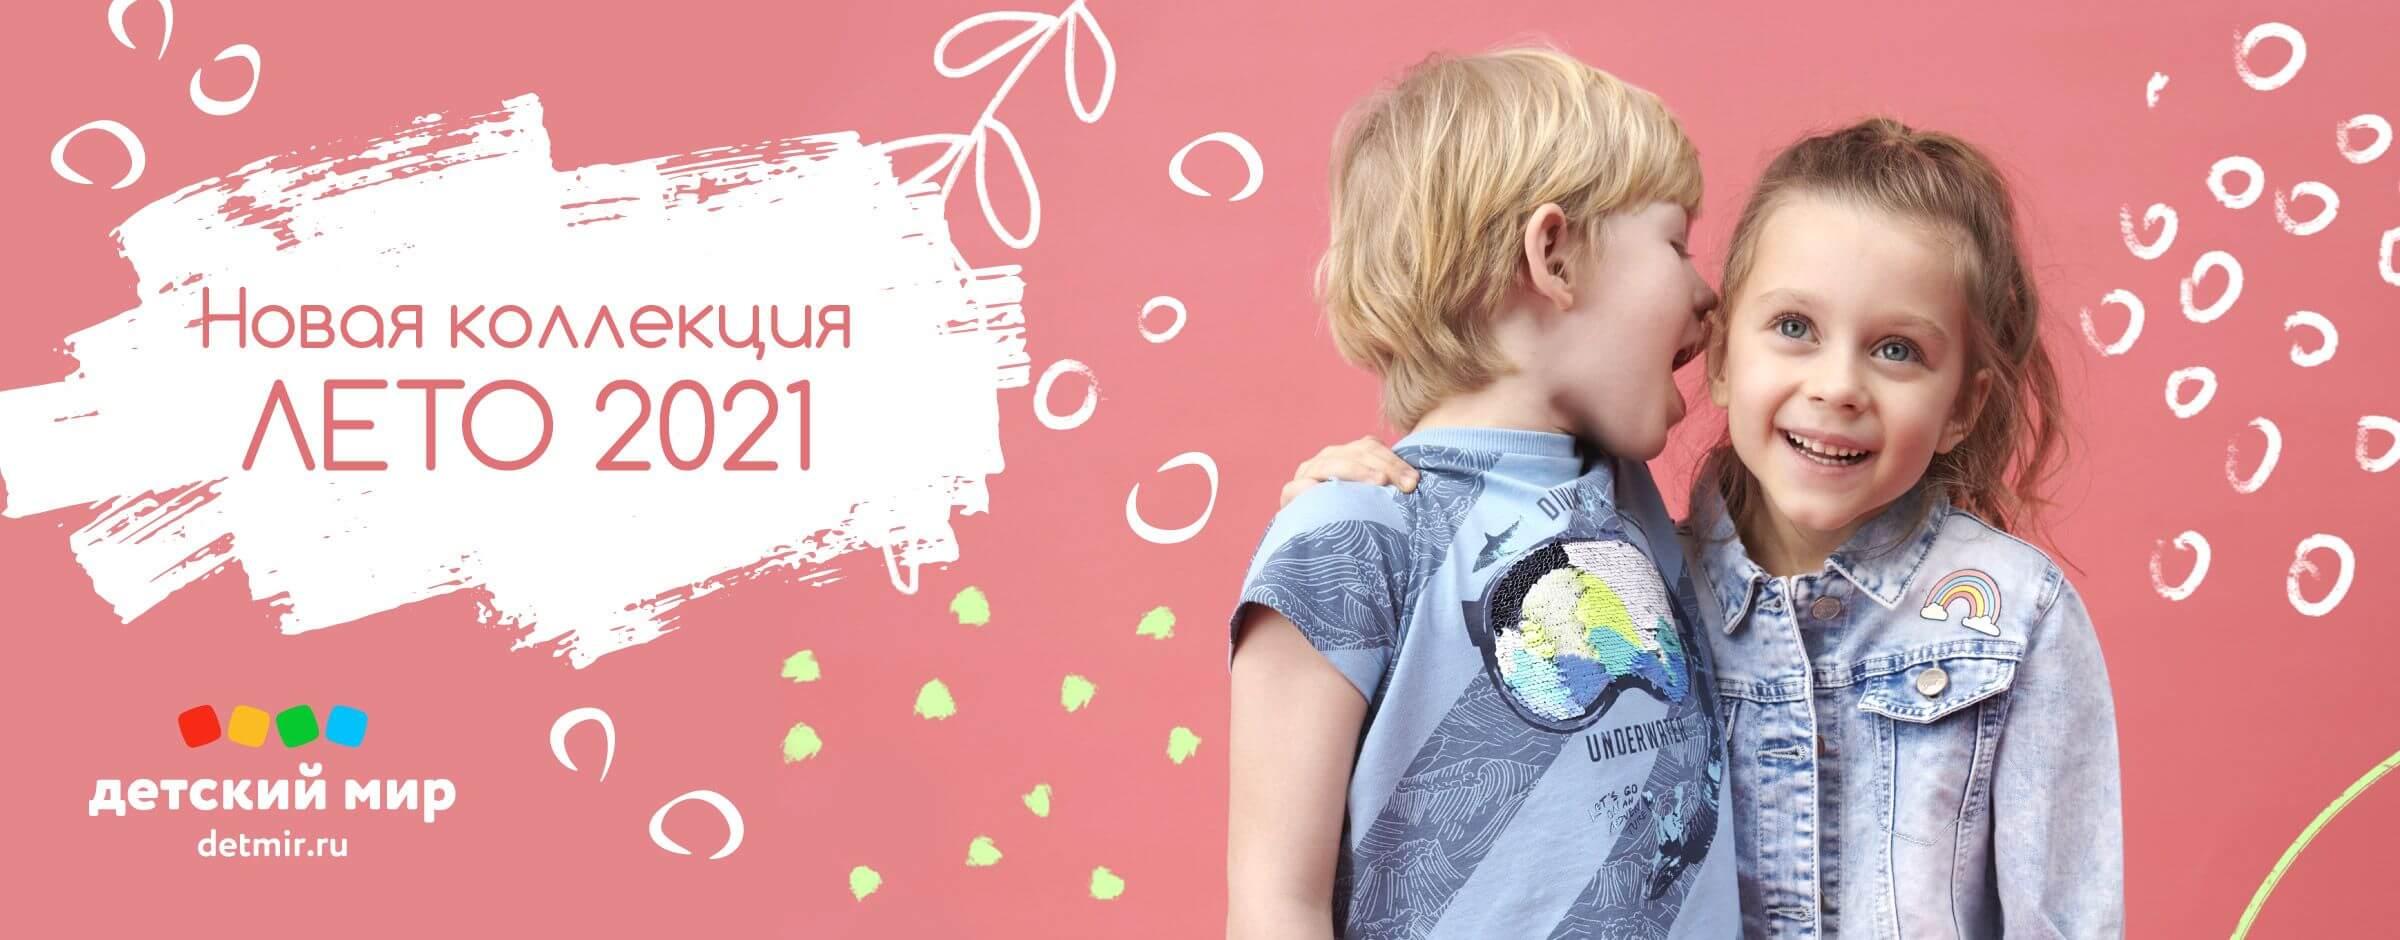 Новая коллекция лето 2021 в Детском мире Гагарин